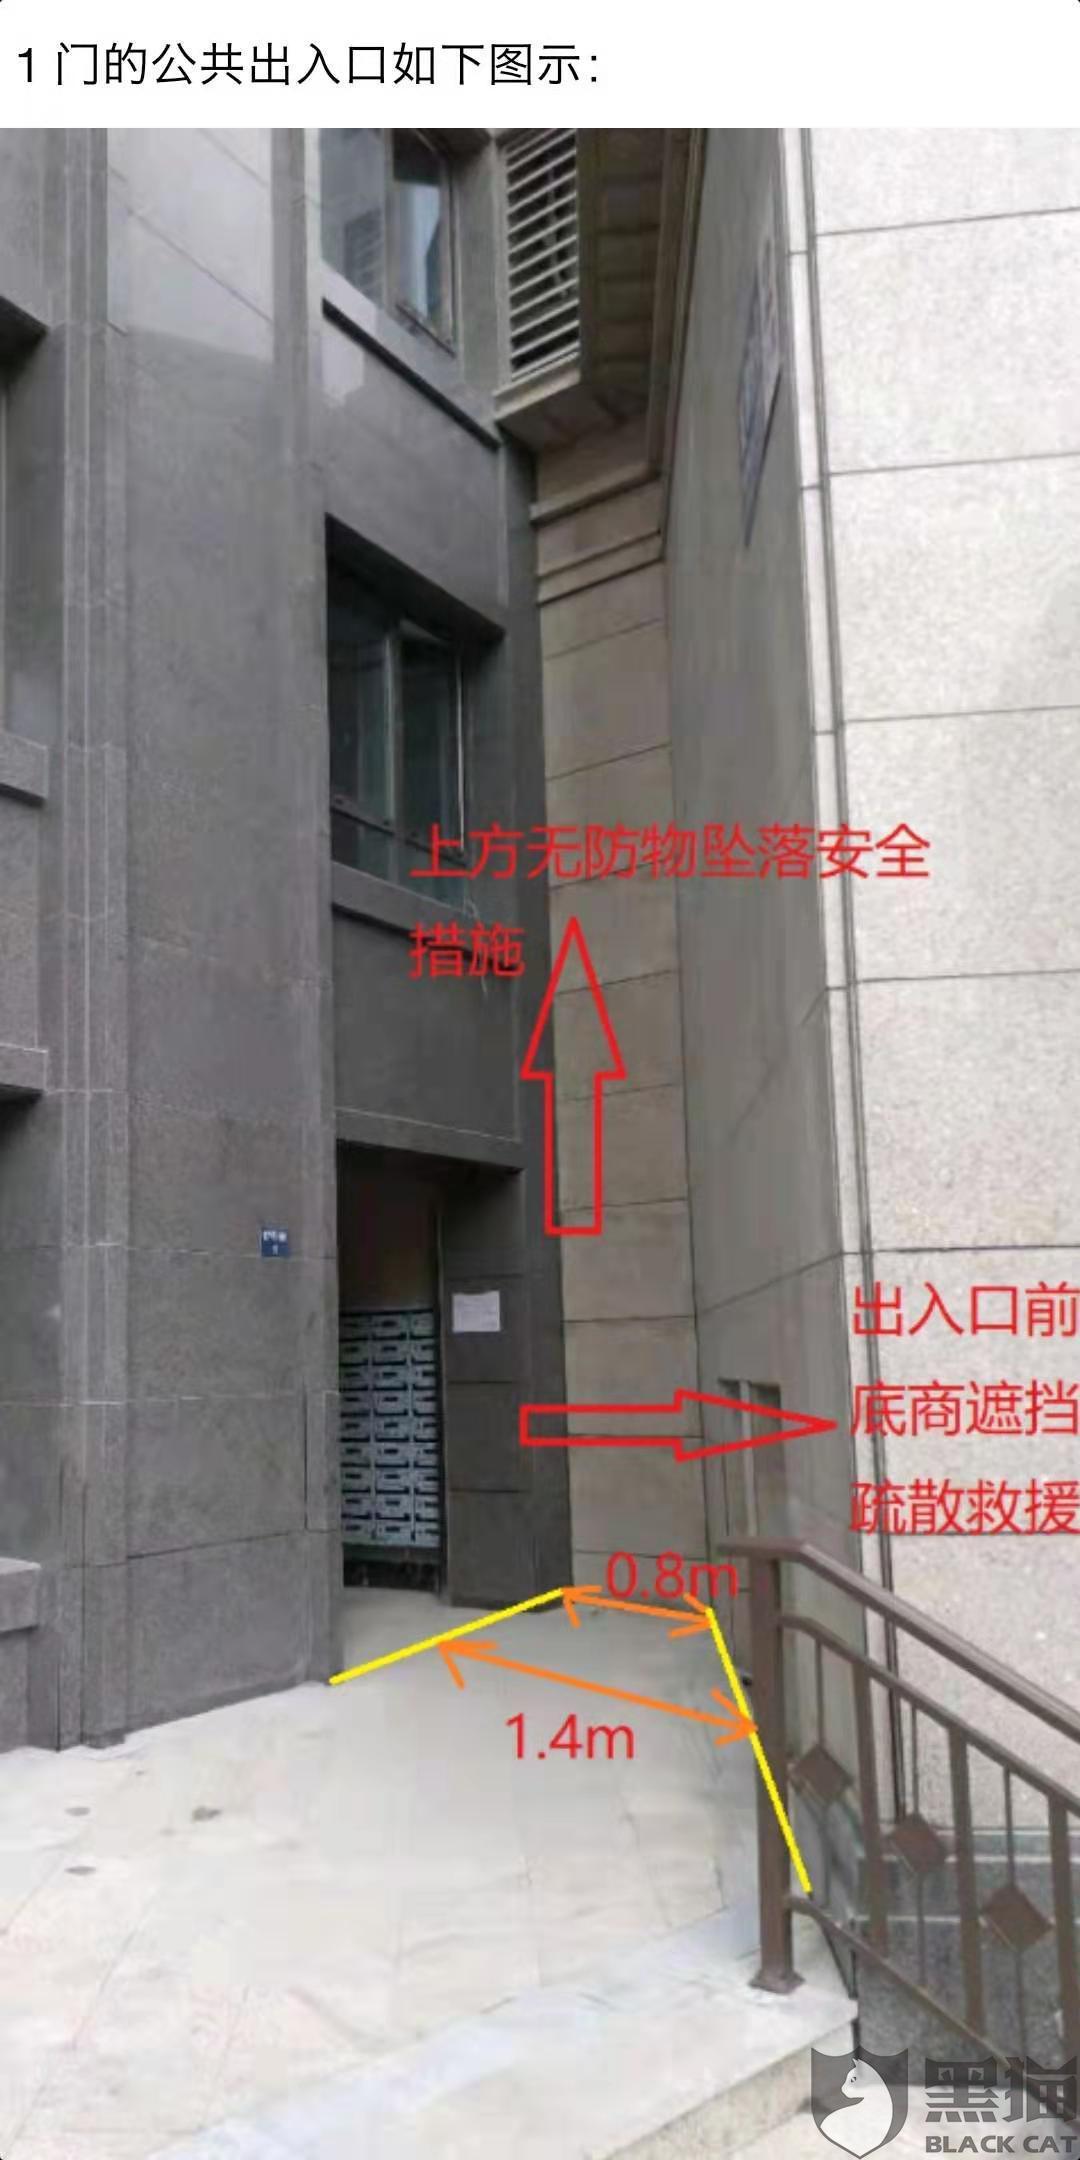 黑猫投诉:消防通道,入户楼道不合规